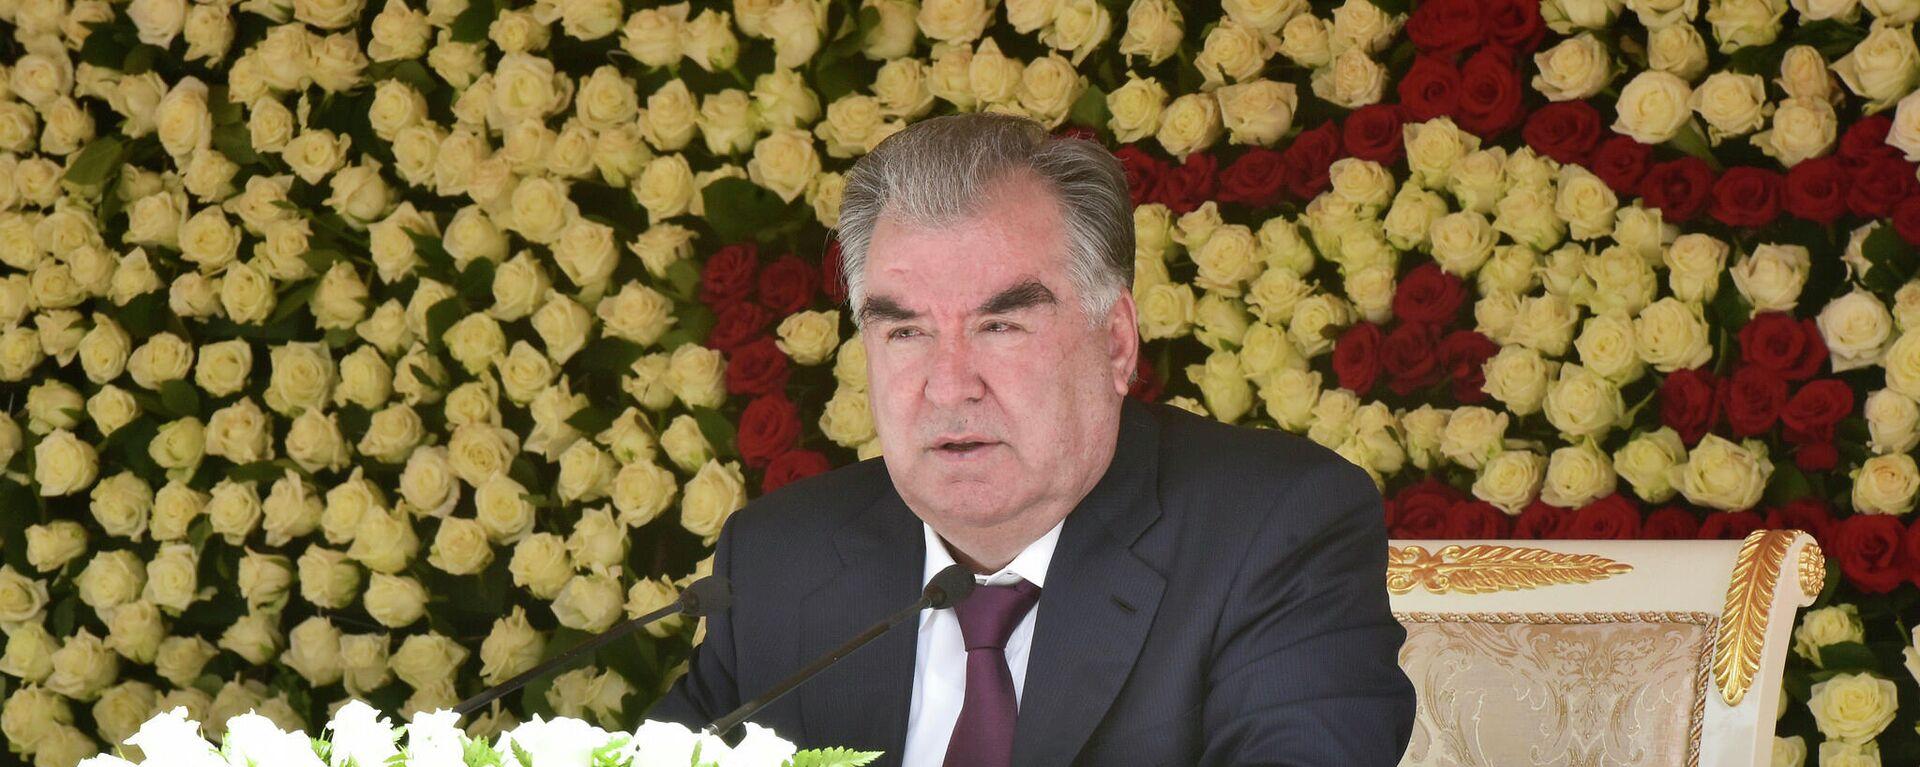 Президент Таджикистана Эмомали Рахмон - Sputnik Тоҷикистон, 1920, 20.08.2021